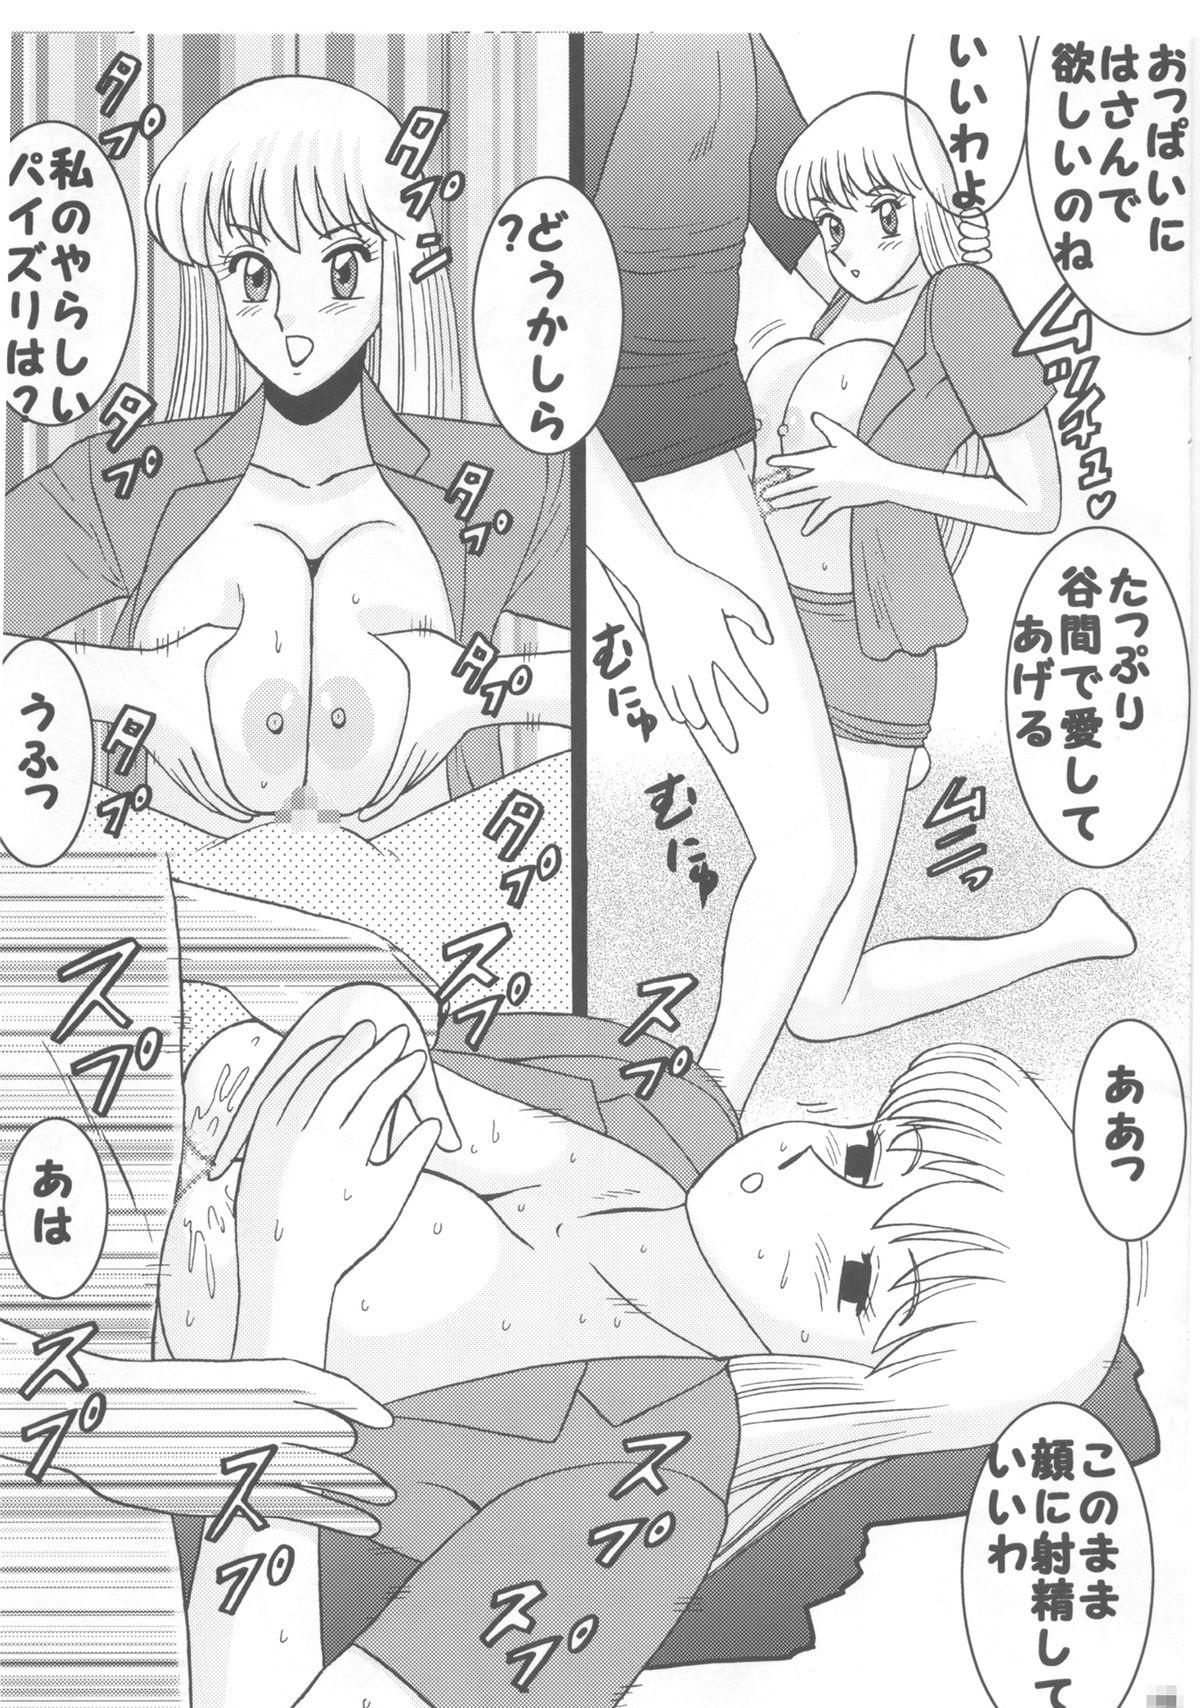 Sexy Police Woman Tokubetsu Henshuuhan 70